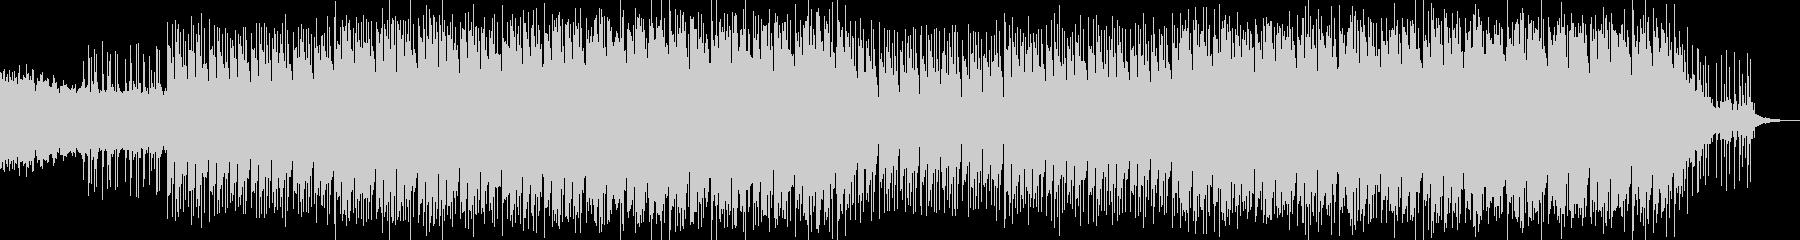 現代的で都会的なシンセミュージック-19の未再生の波形